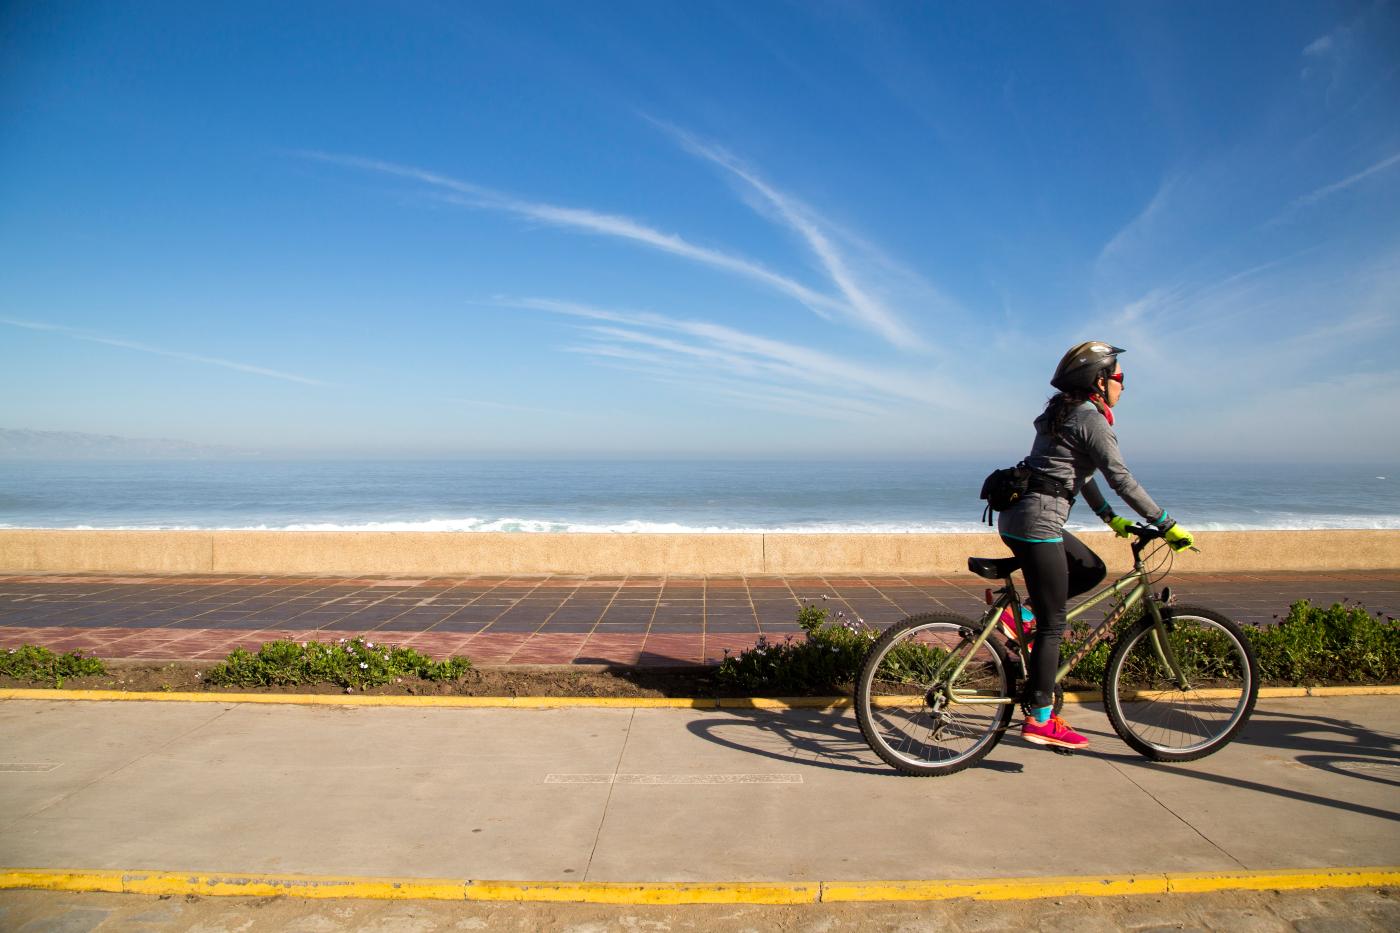 Imagen de una persona andando en bicicleta por la costa